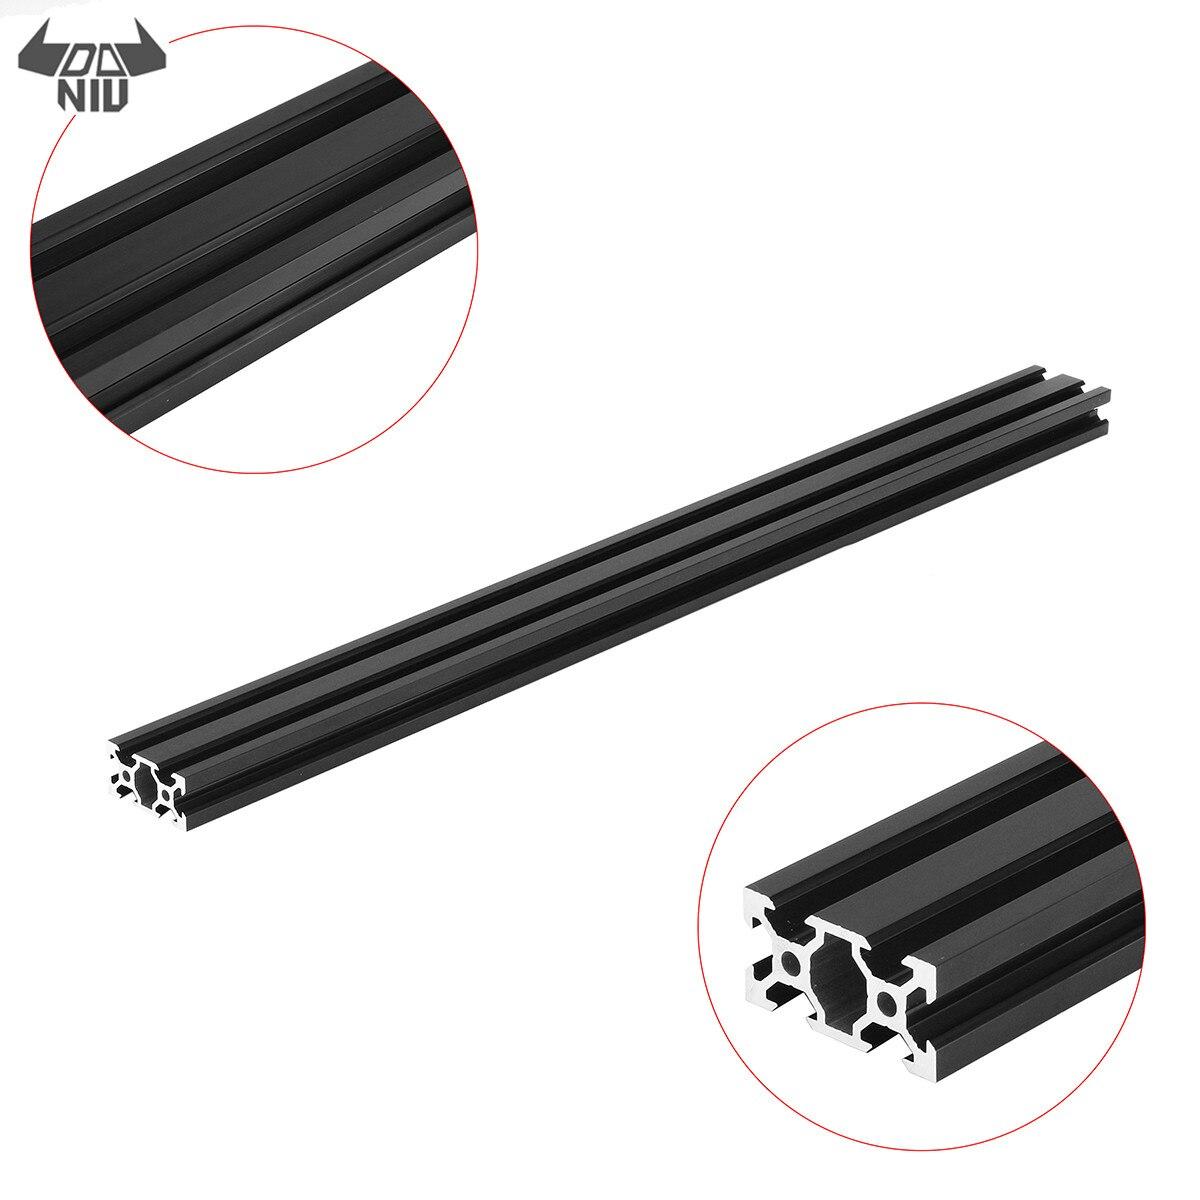 DANIU Durable 500mm 2040 v-slot aluminium profilé Extrusion cadre bricolage CNC outil noir